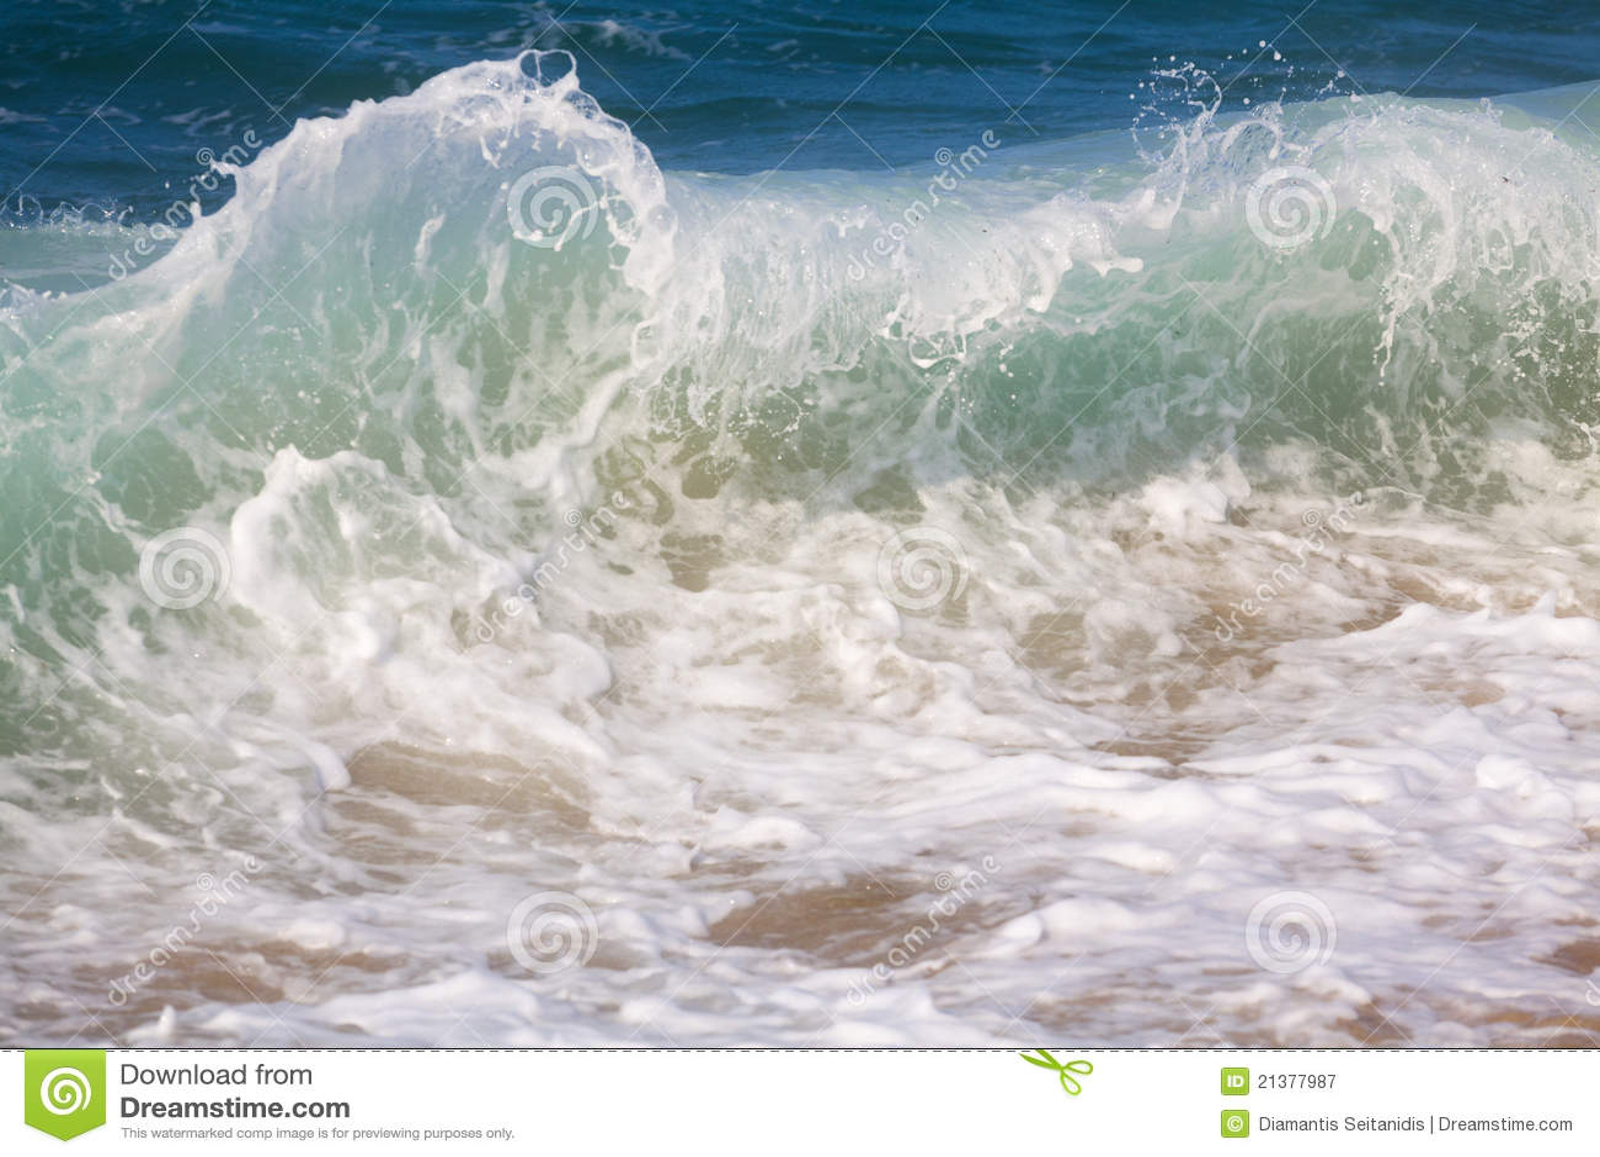 Fractura de ondas de océano